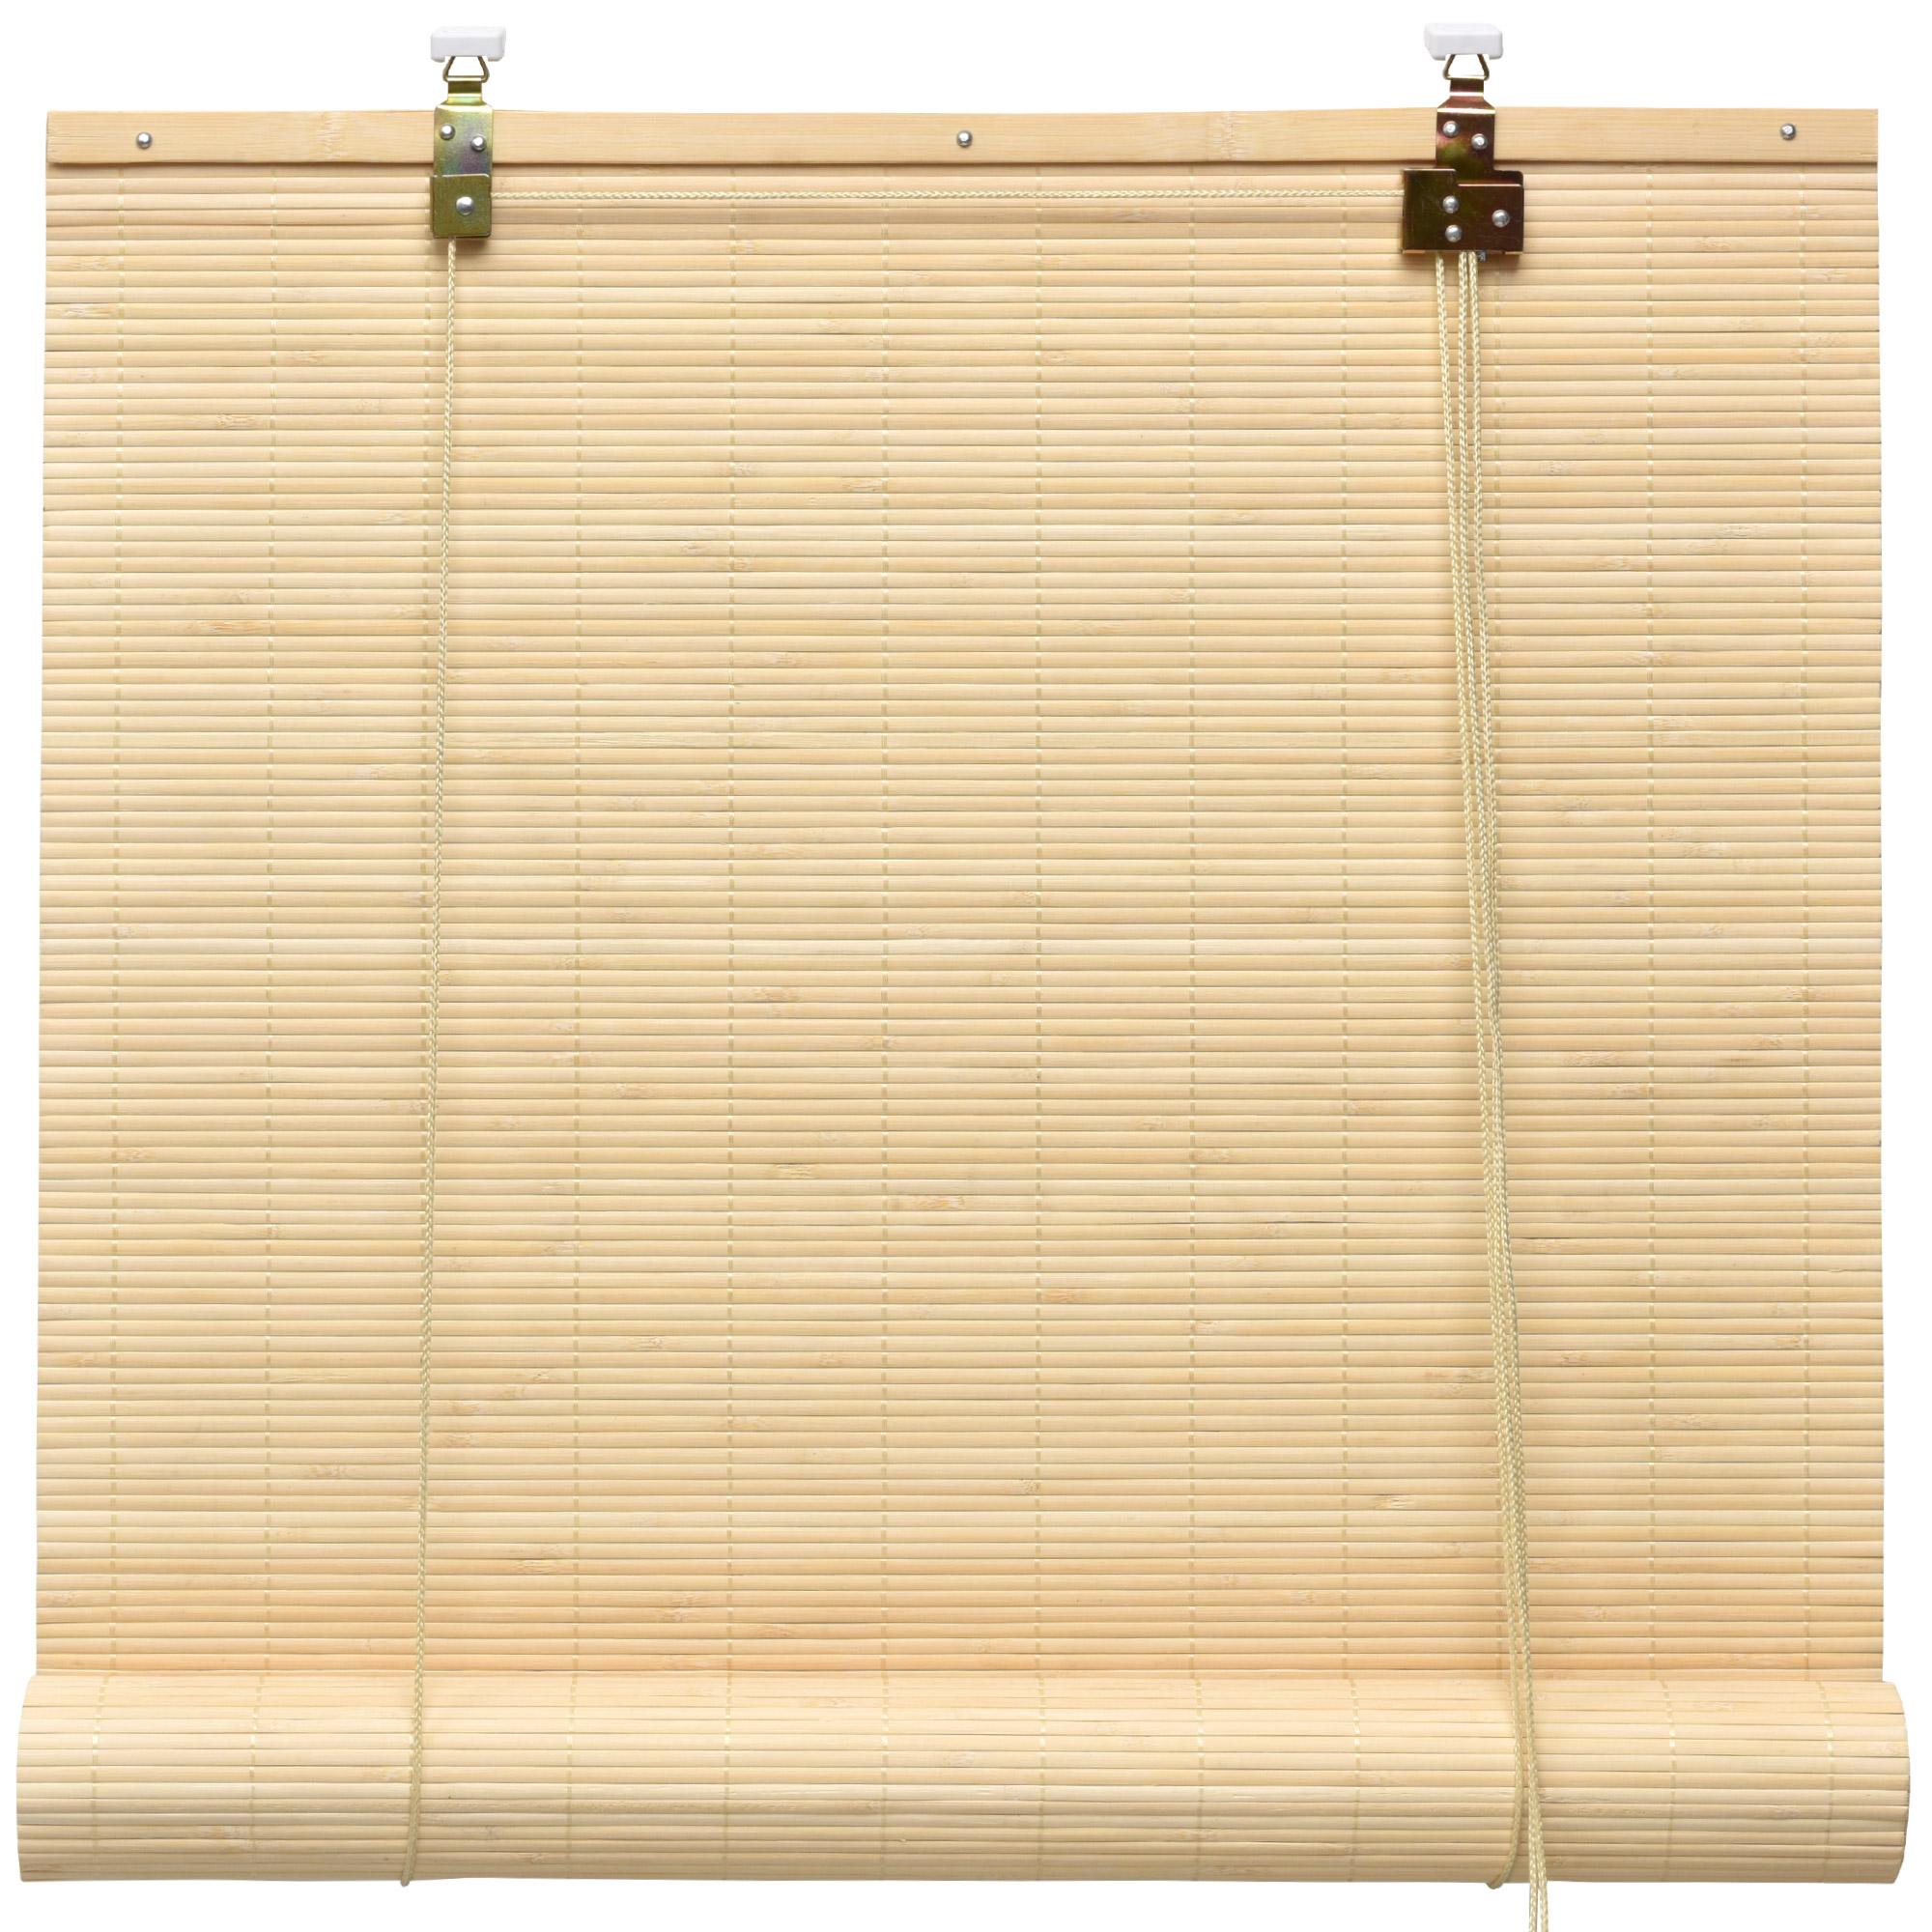 Bambus Holz Raffrollo Rollo Bambusrollo Fenster Sichtschutz